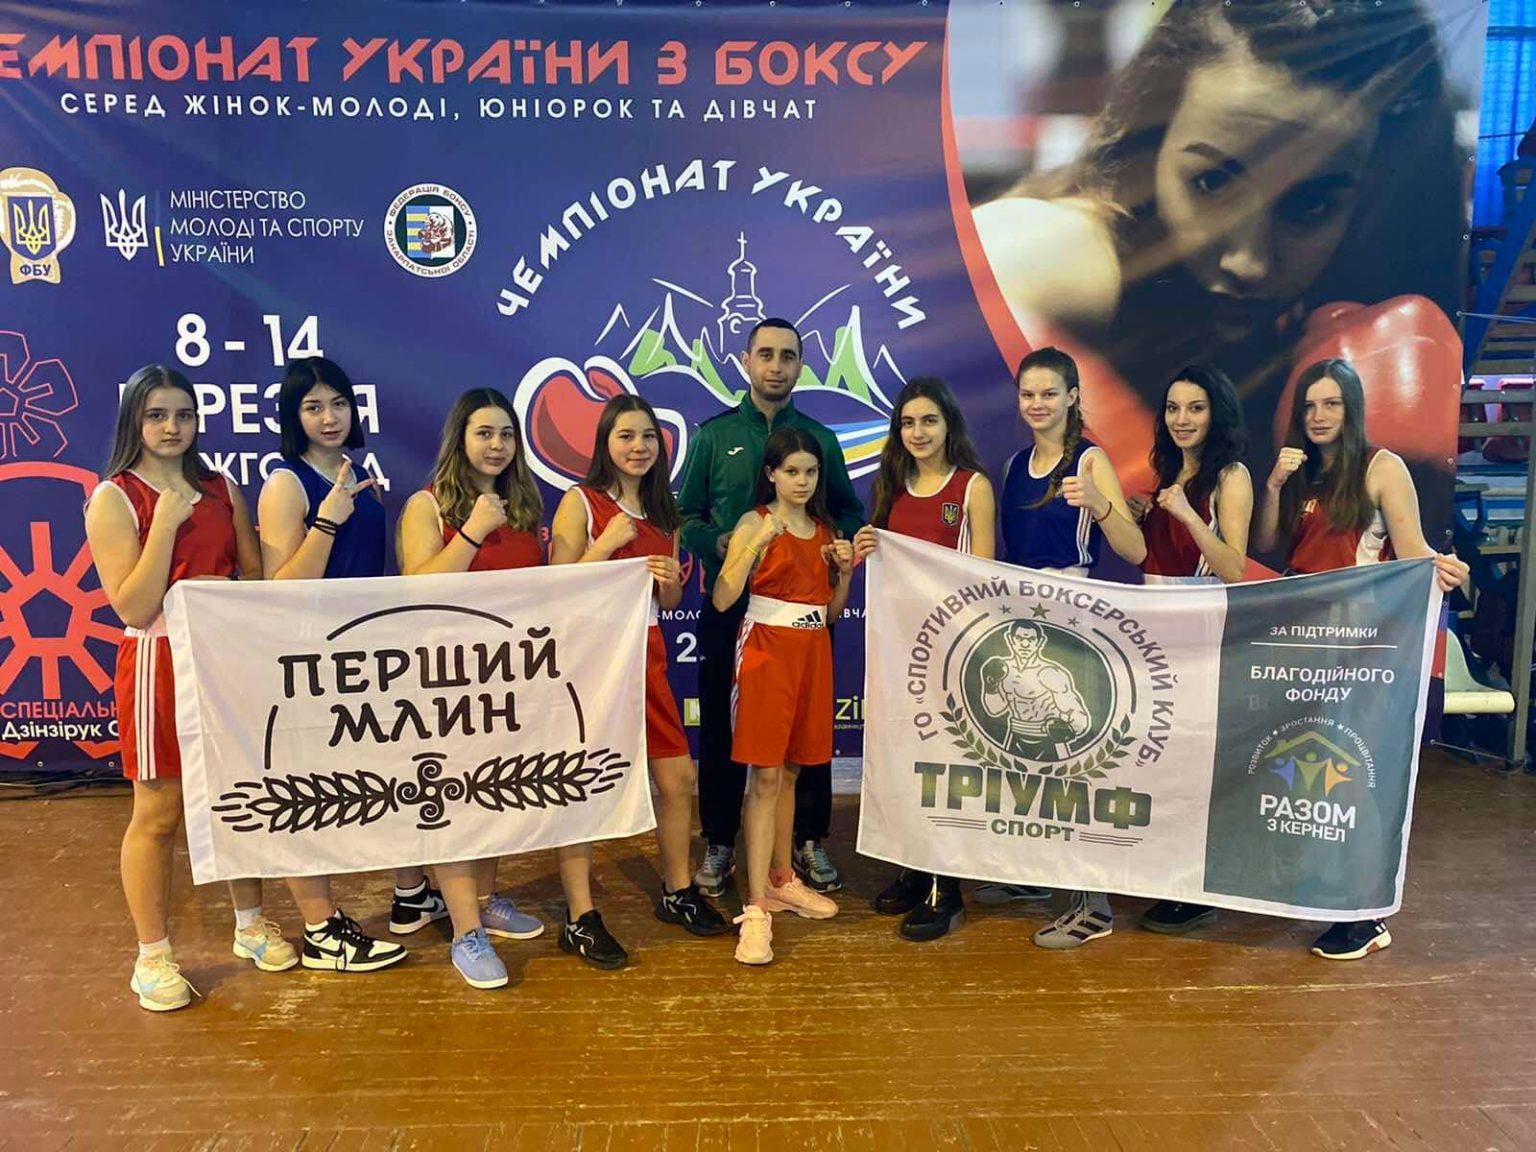 Боксерка з Тального представить Україну на чемпіонаті Європи